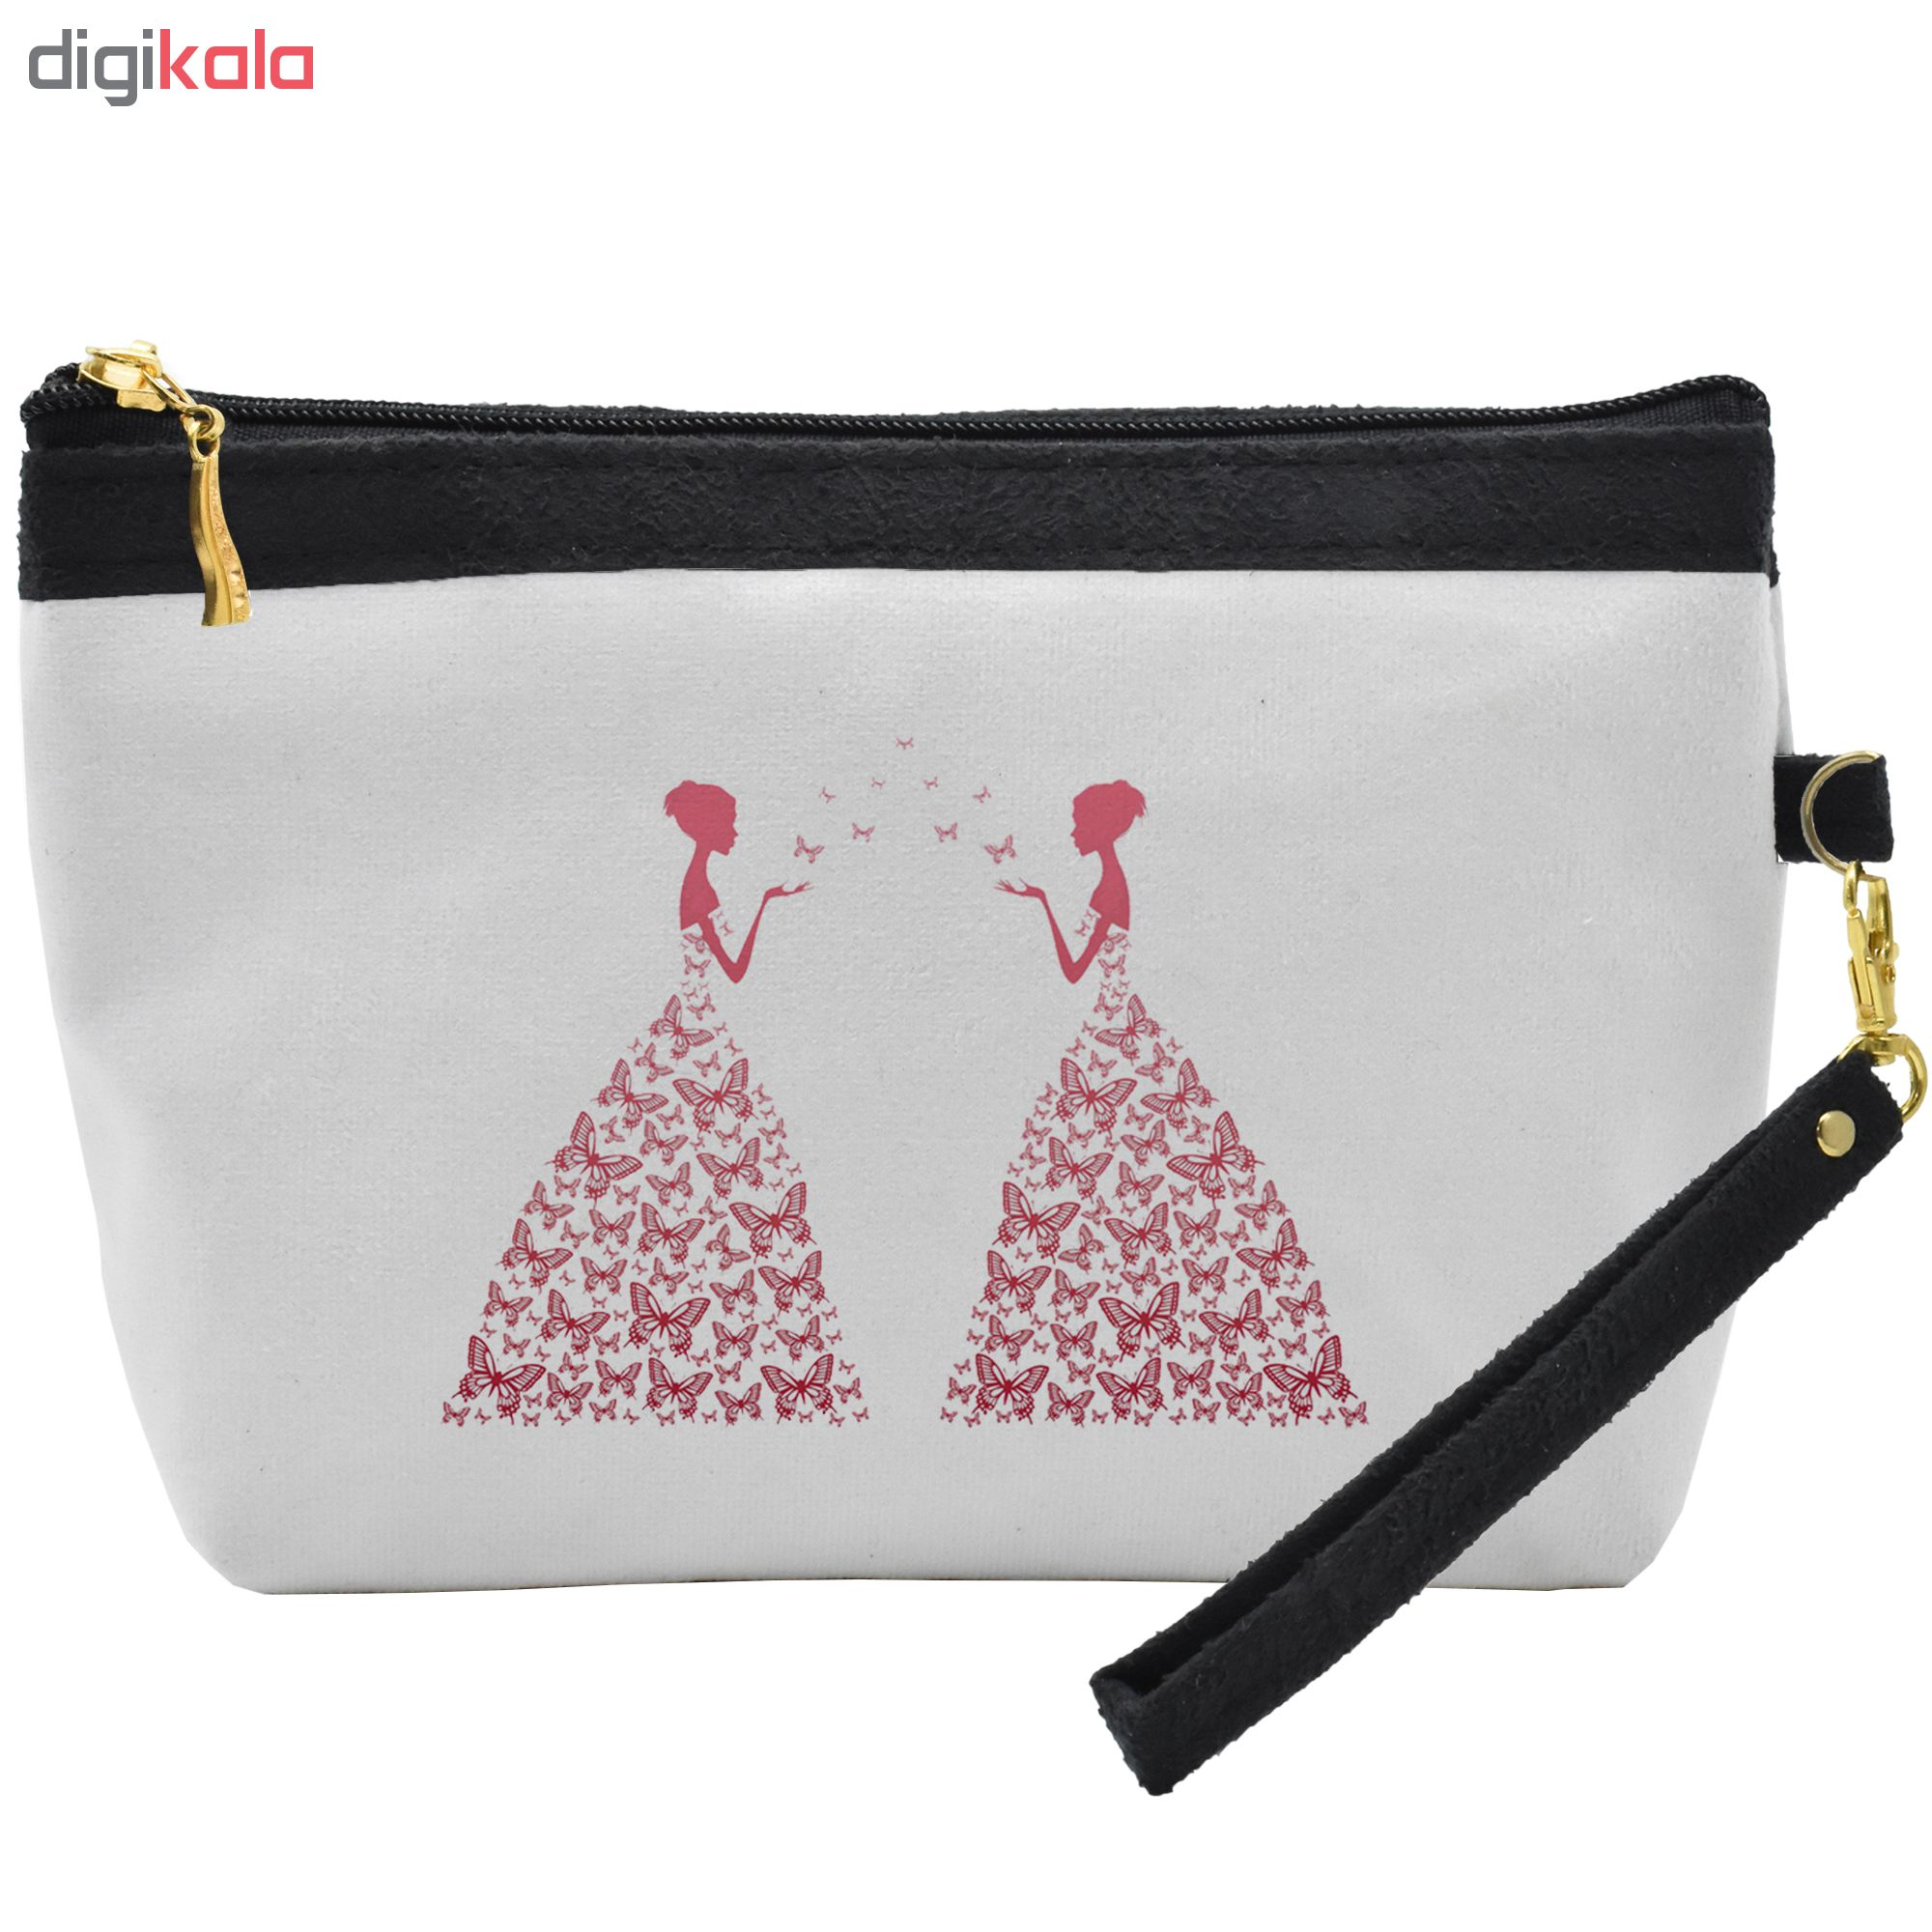 کیف لوازم آرایشی طرح ButterFly Woman کد C25